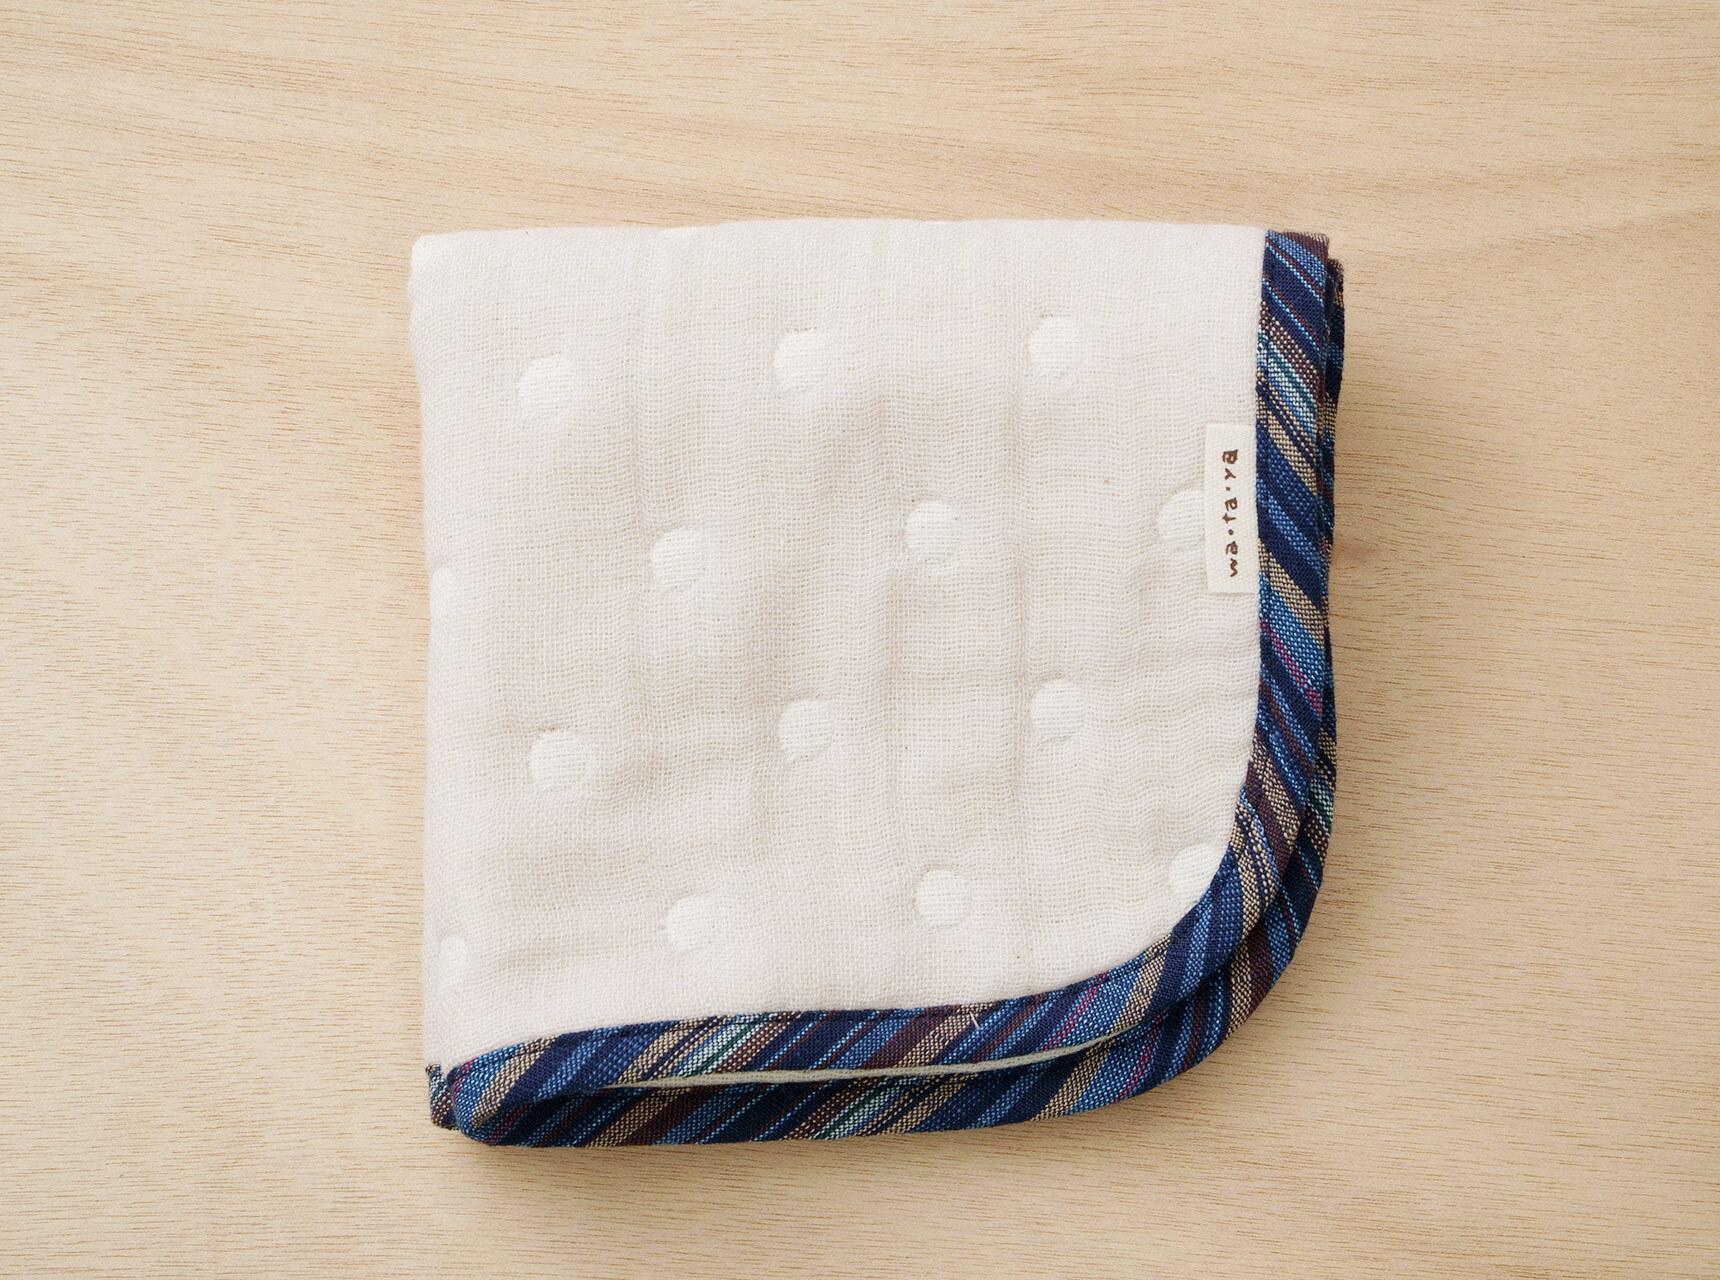 wa.ta.ya × 会津木綿 会津木綿でふちどったハンカチ(28×27)